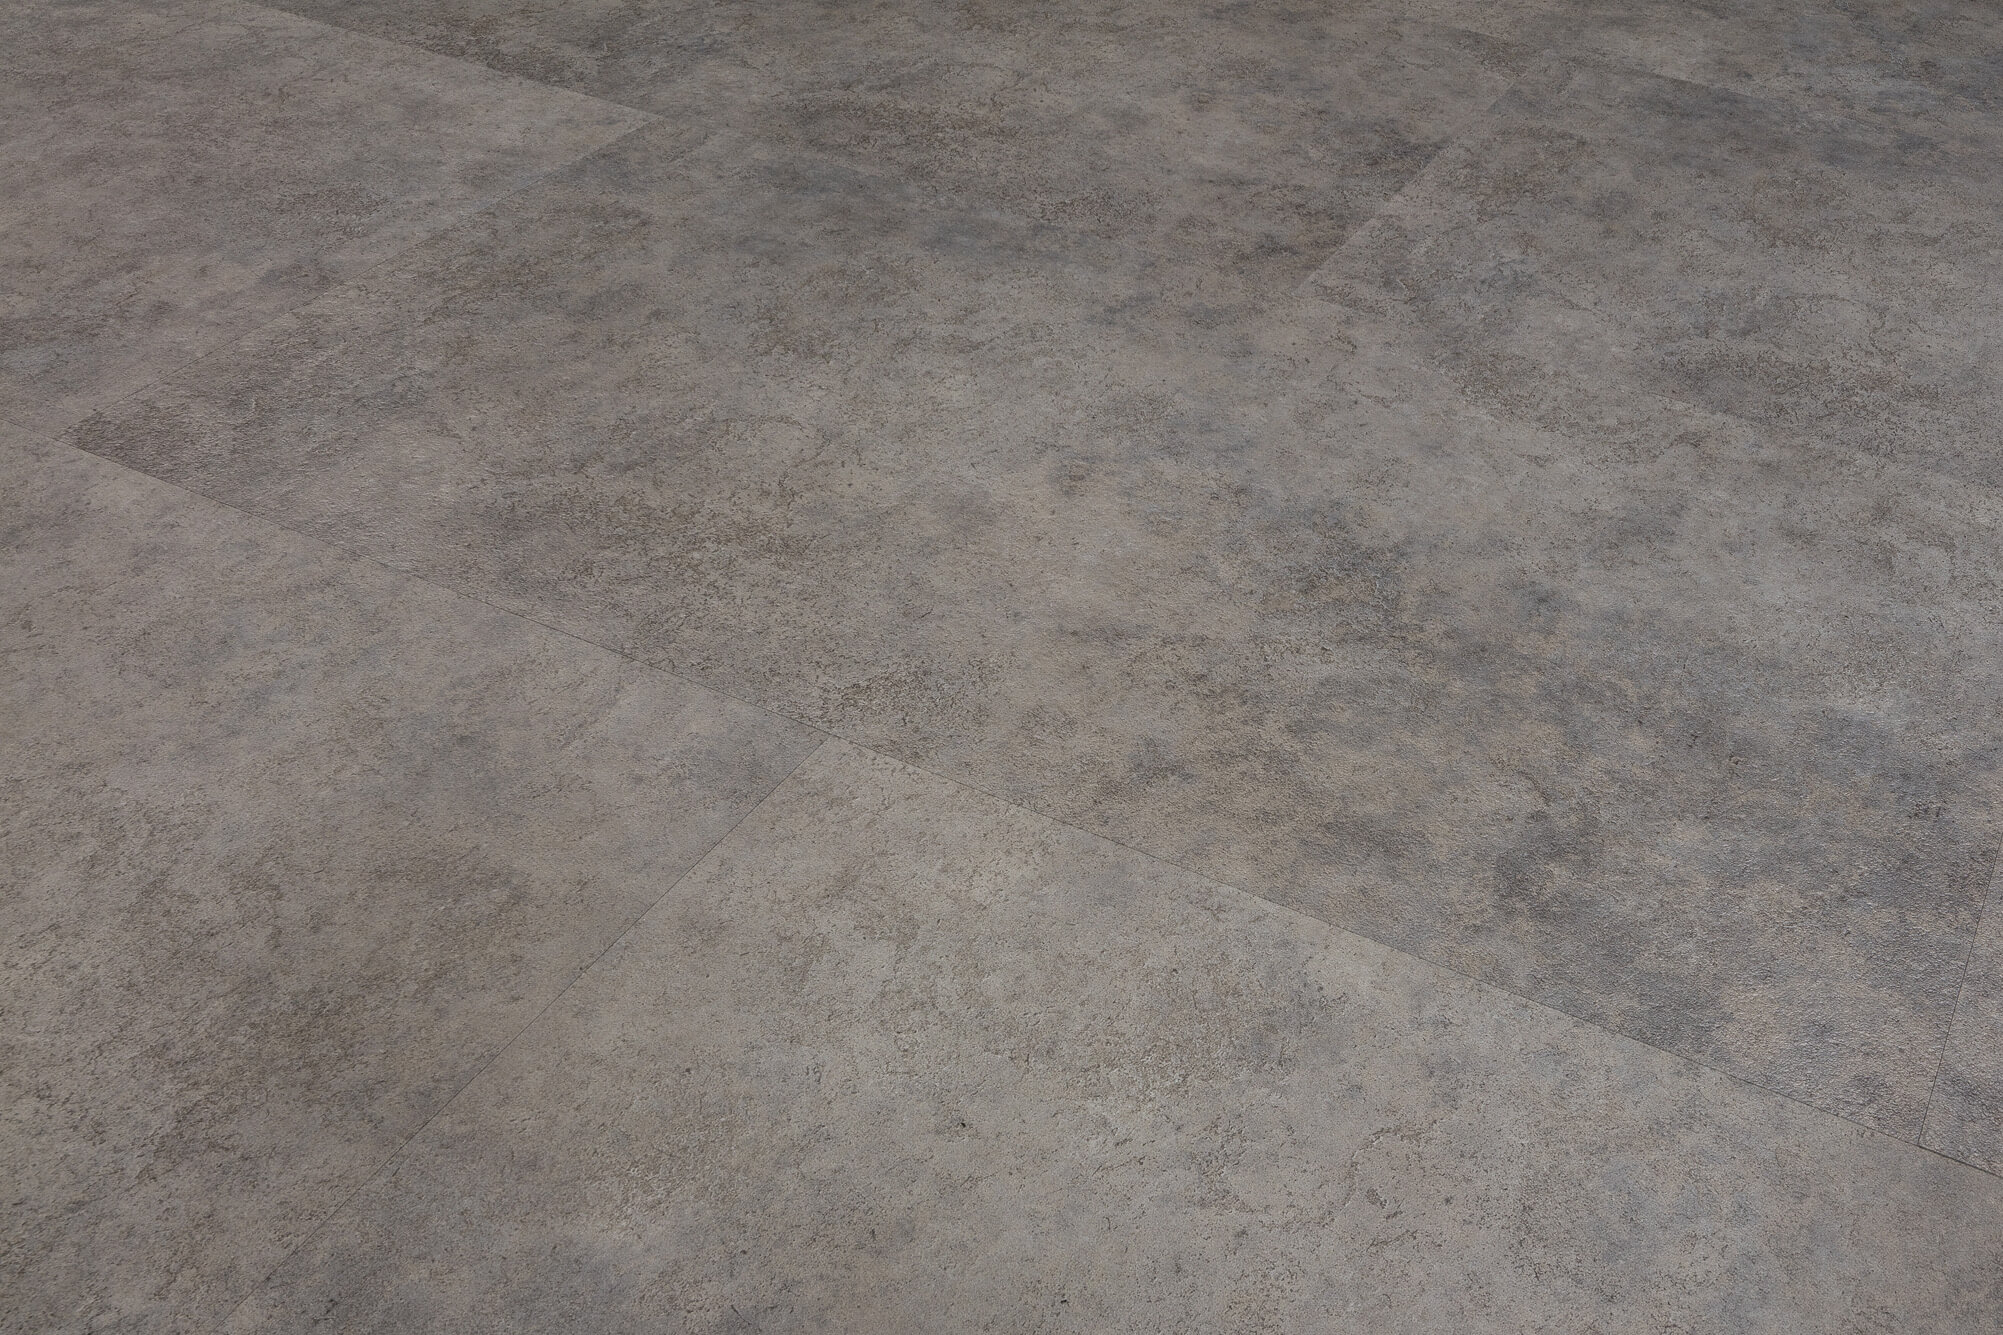 Viva floor vs1240 betonlook lijmversie houten vloeren parket